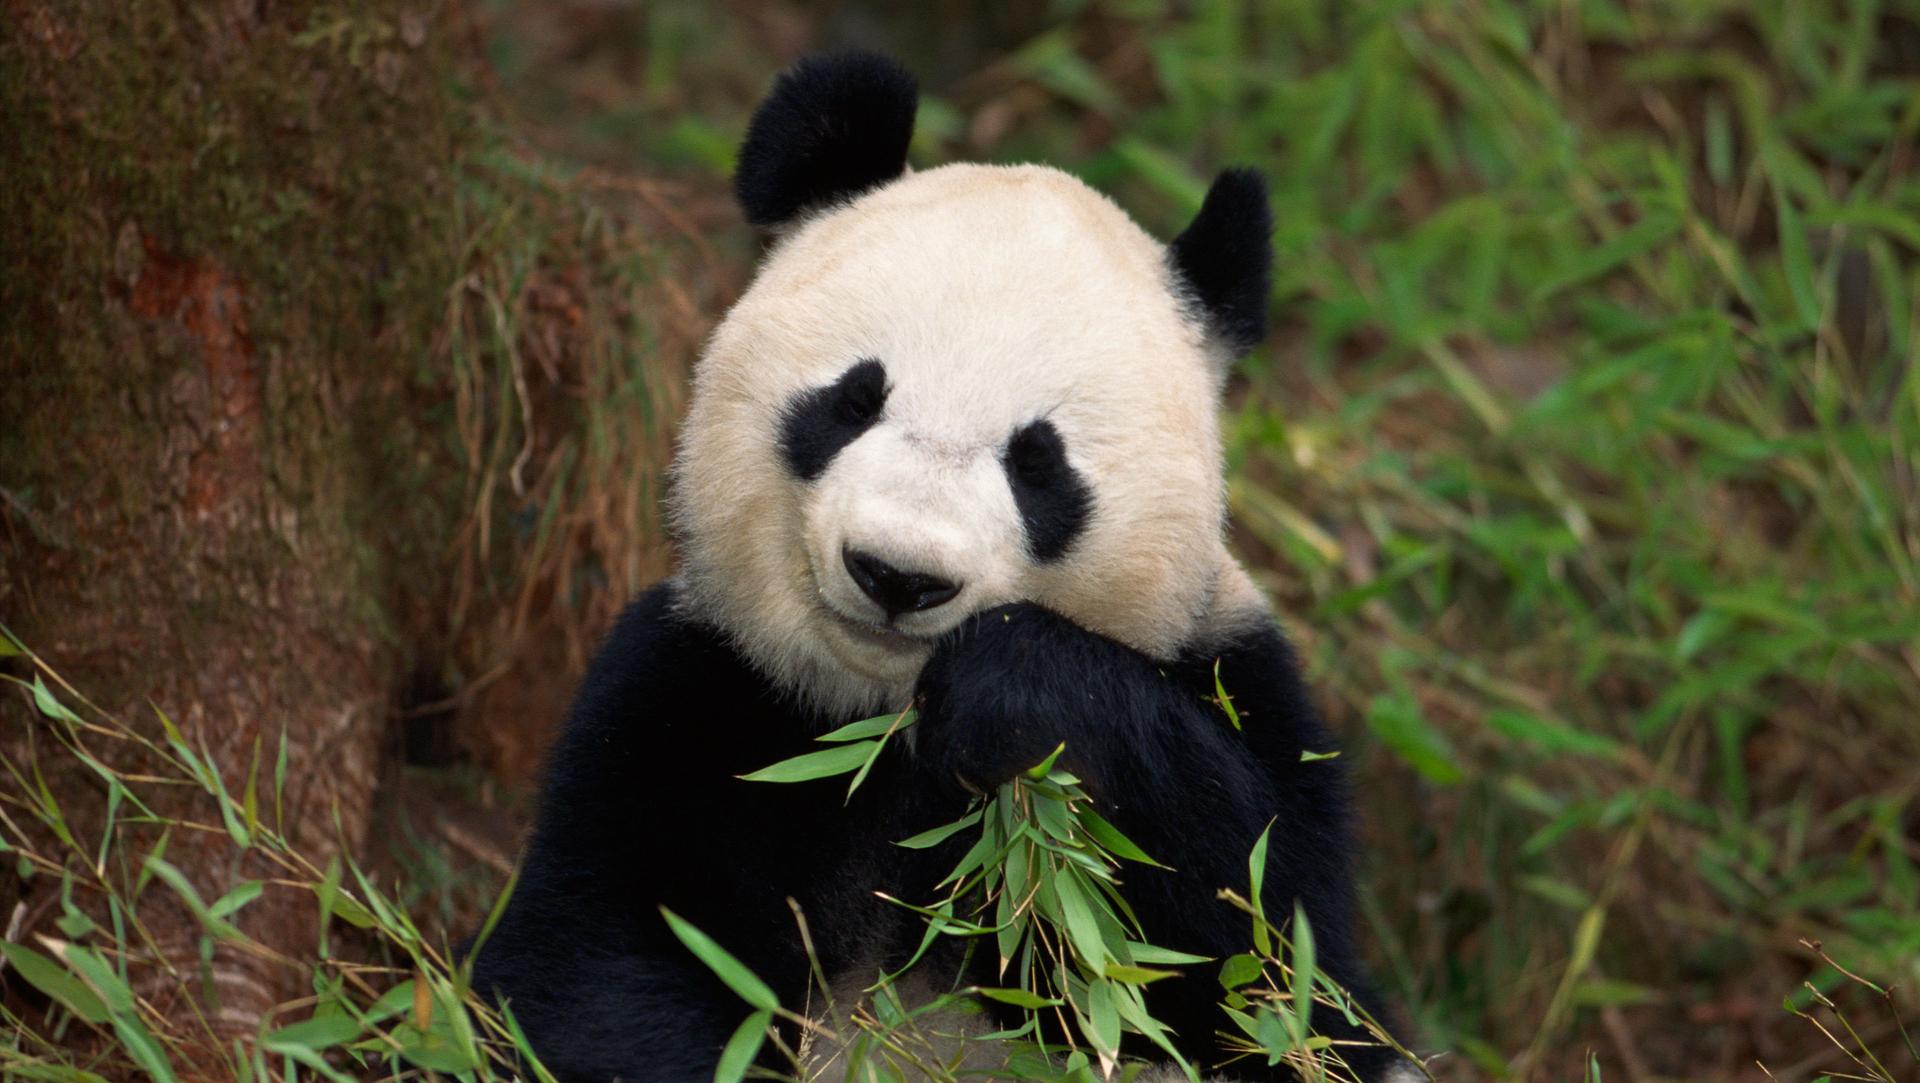 Panda fakes pregnancy